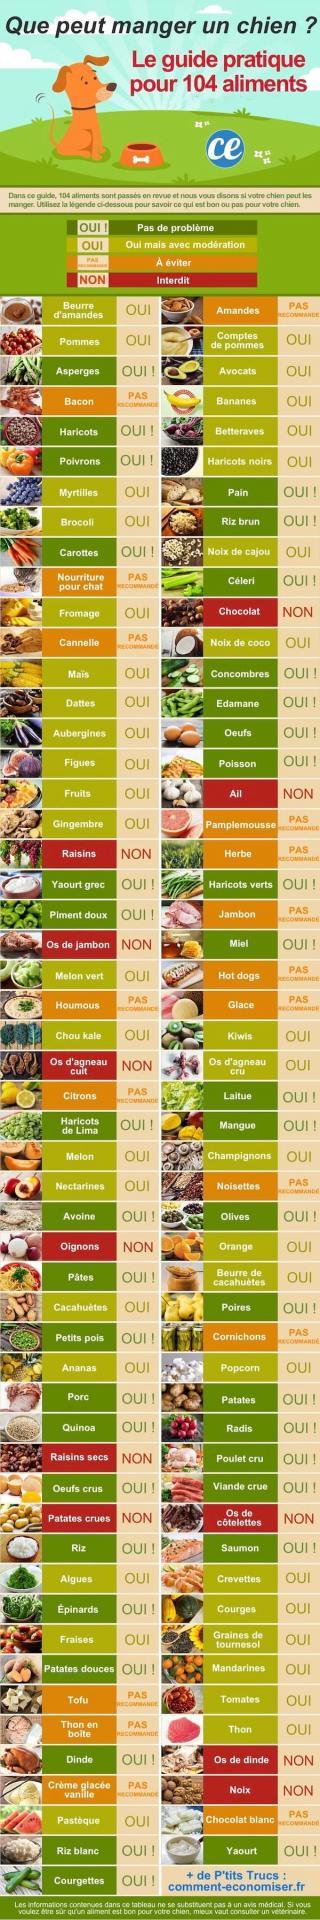 Quels sont les aliments que peut manger un chien le guide pratique pour de 100 aliments